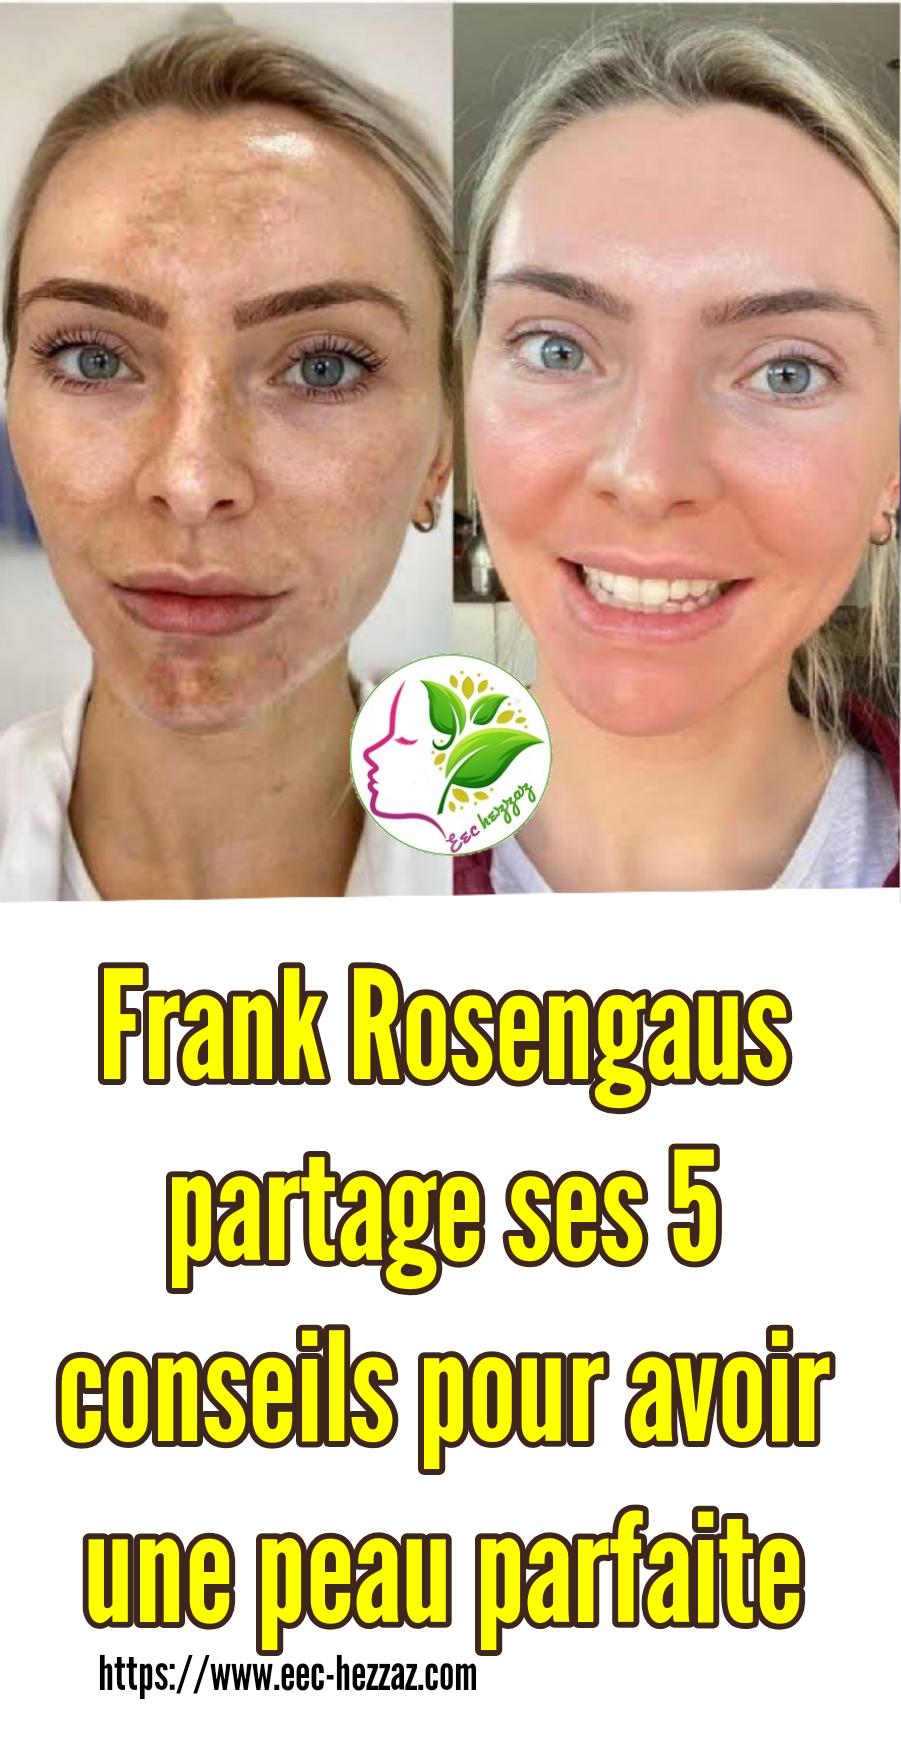 Frank Rosengaus partage ses 5 conseils pour avoir une peau parfaite